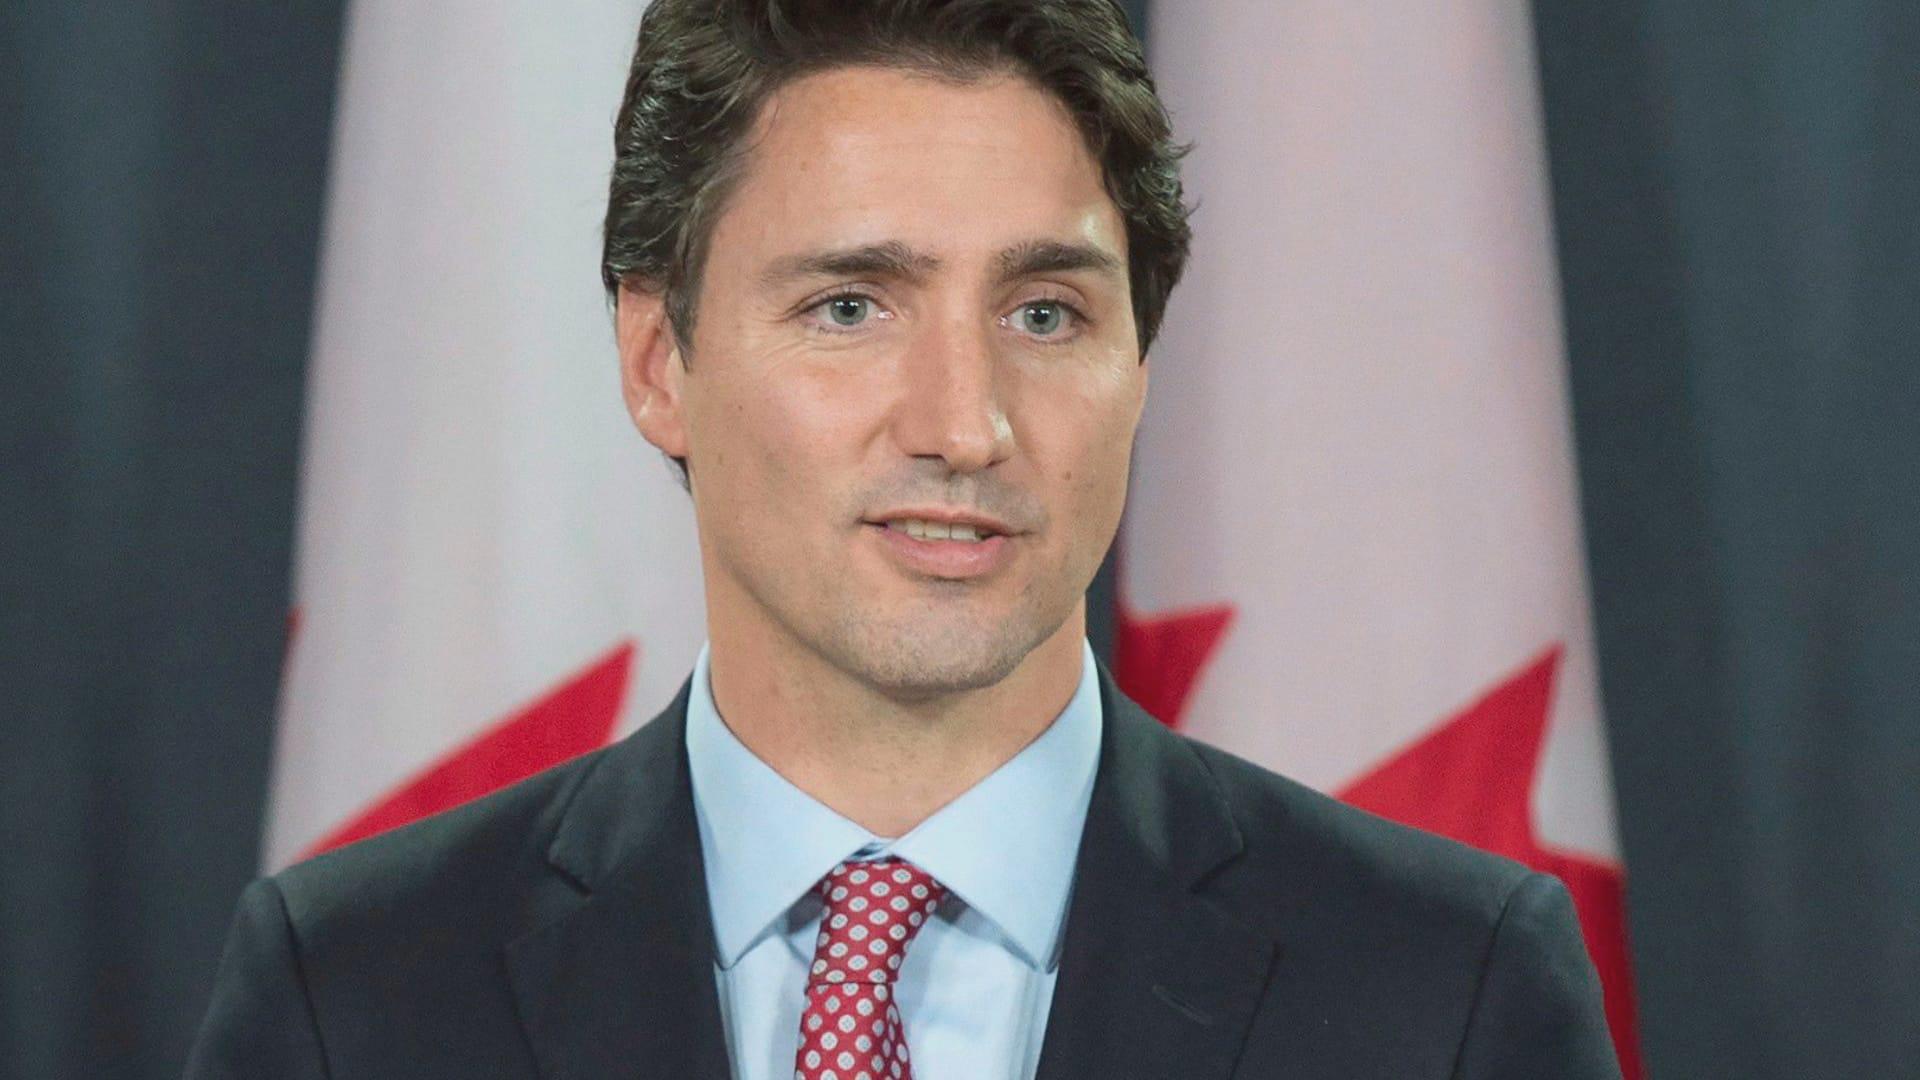 Trudeau And Harper Meet